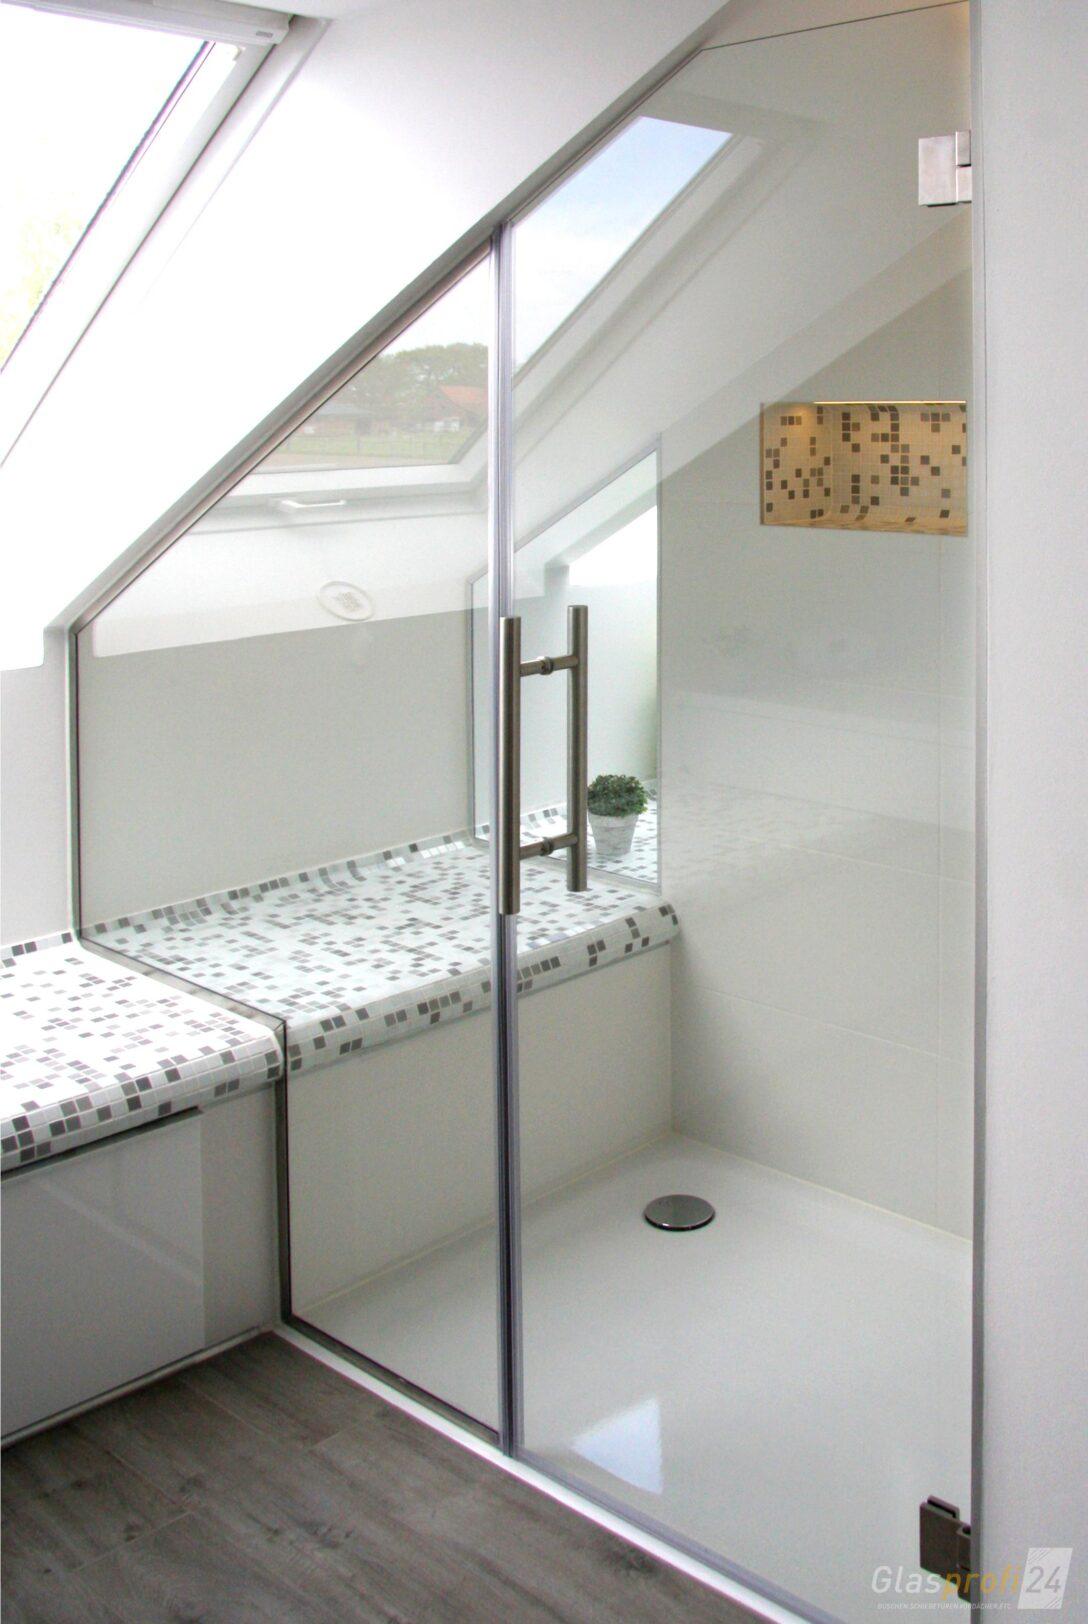 Large Size of Nischendusche Aus Glas Duschtr In Nische Glasprofi24 Dusche Ebenerdig Bodengleiche Duschen 80x80 Begehbare Fliesen Kaufen Glastür Unterputz Armatur Dusche Glastrennwand Dusche